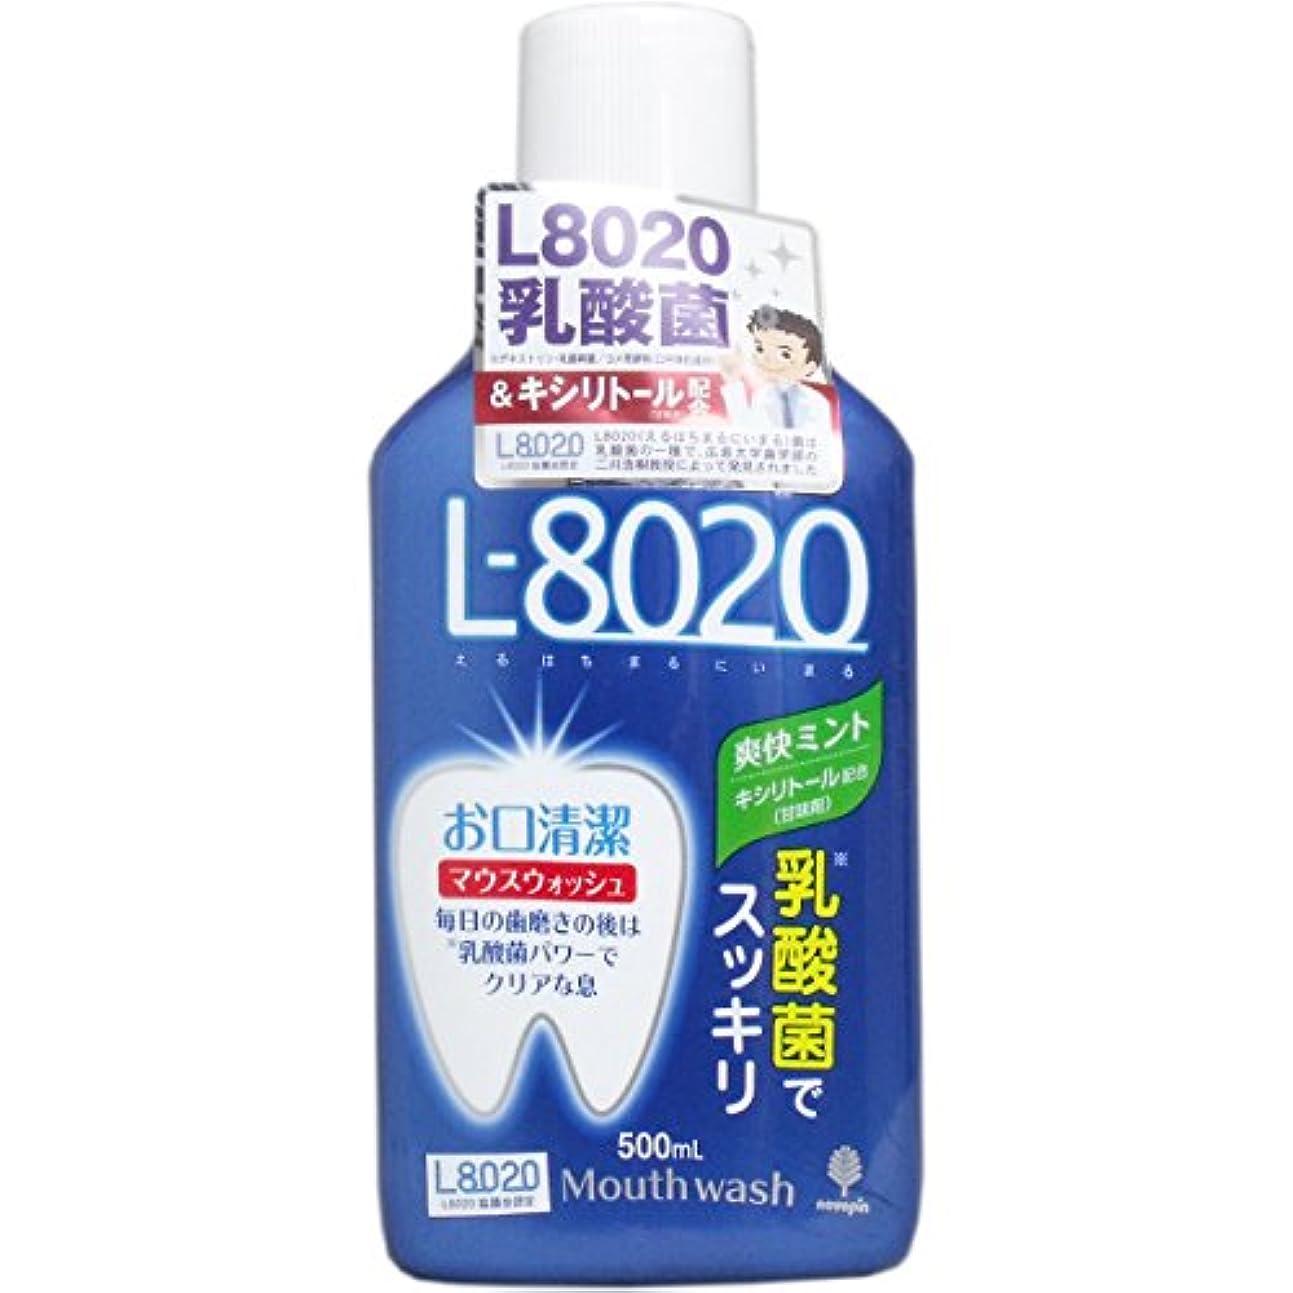 無効にする債務者個人的にクチュッペ L-8020 マウスウォッシュ 爽快ミント アルコール 500mL